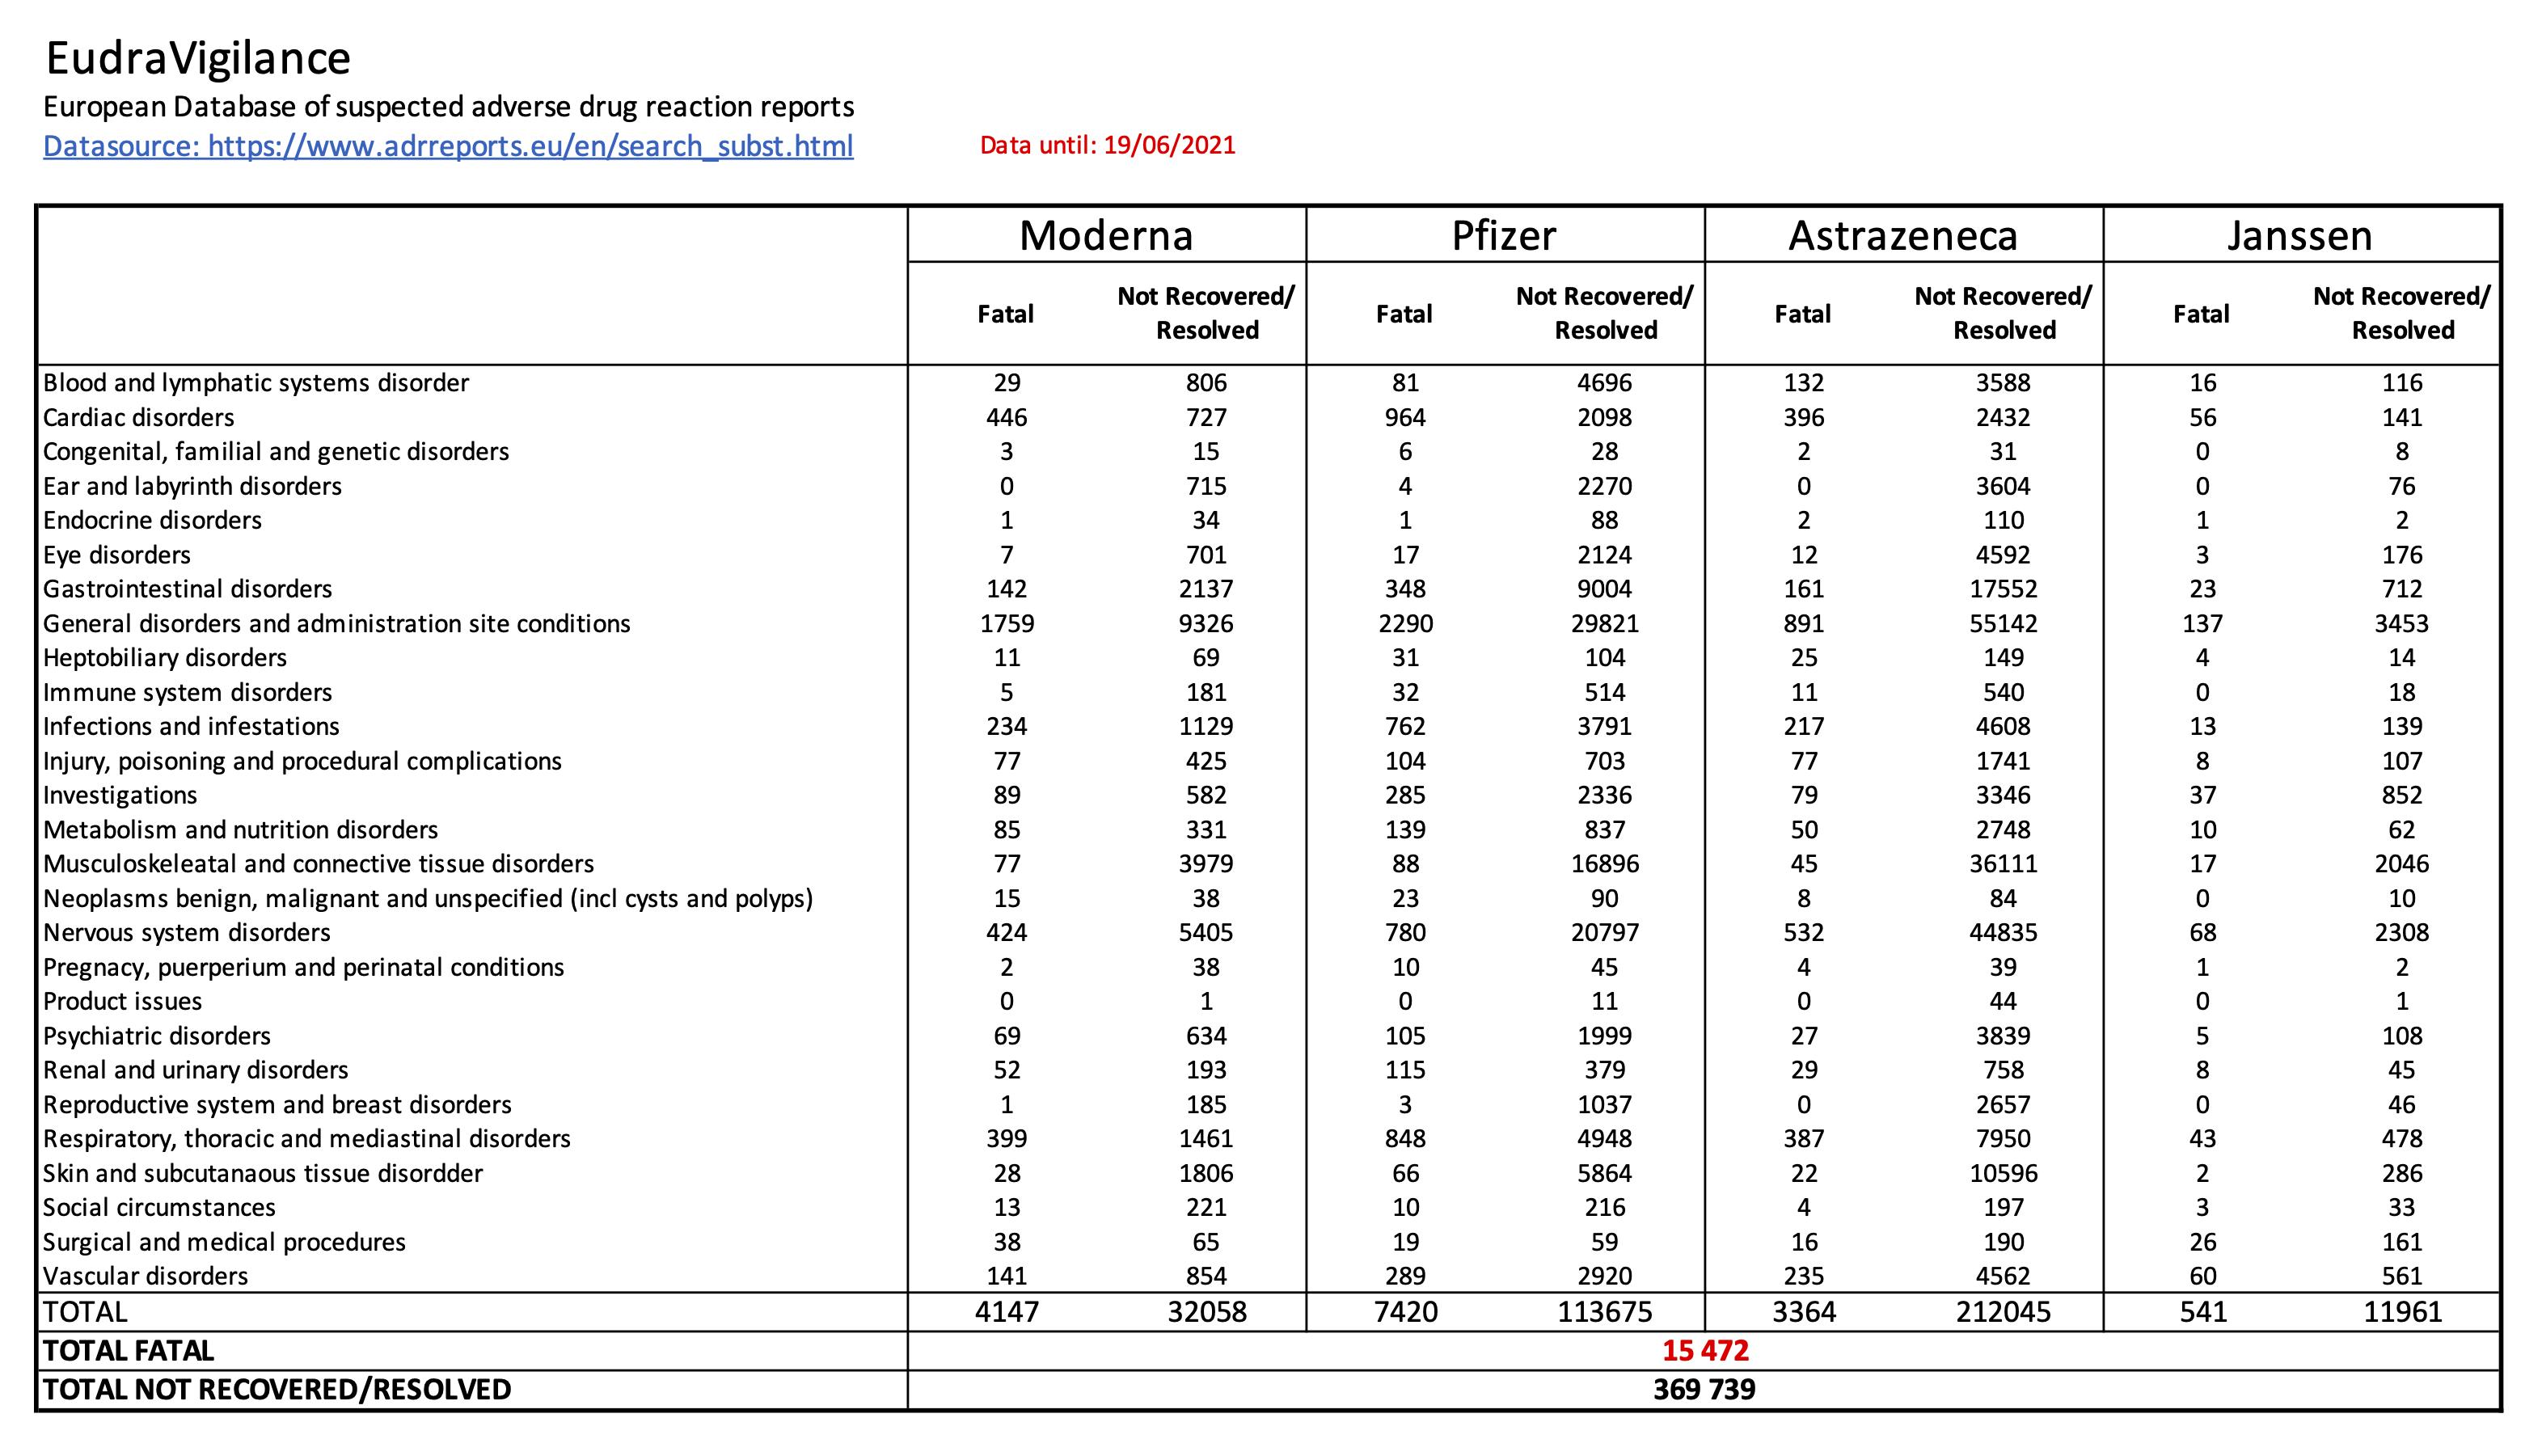 20210619-eudravigilance-vacinas-covid-1.